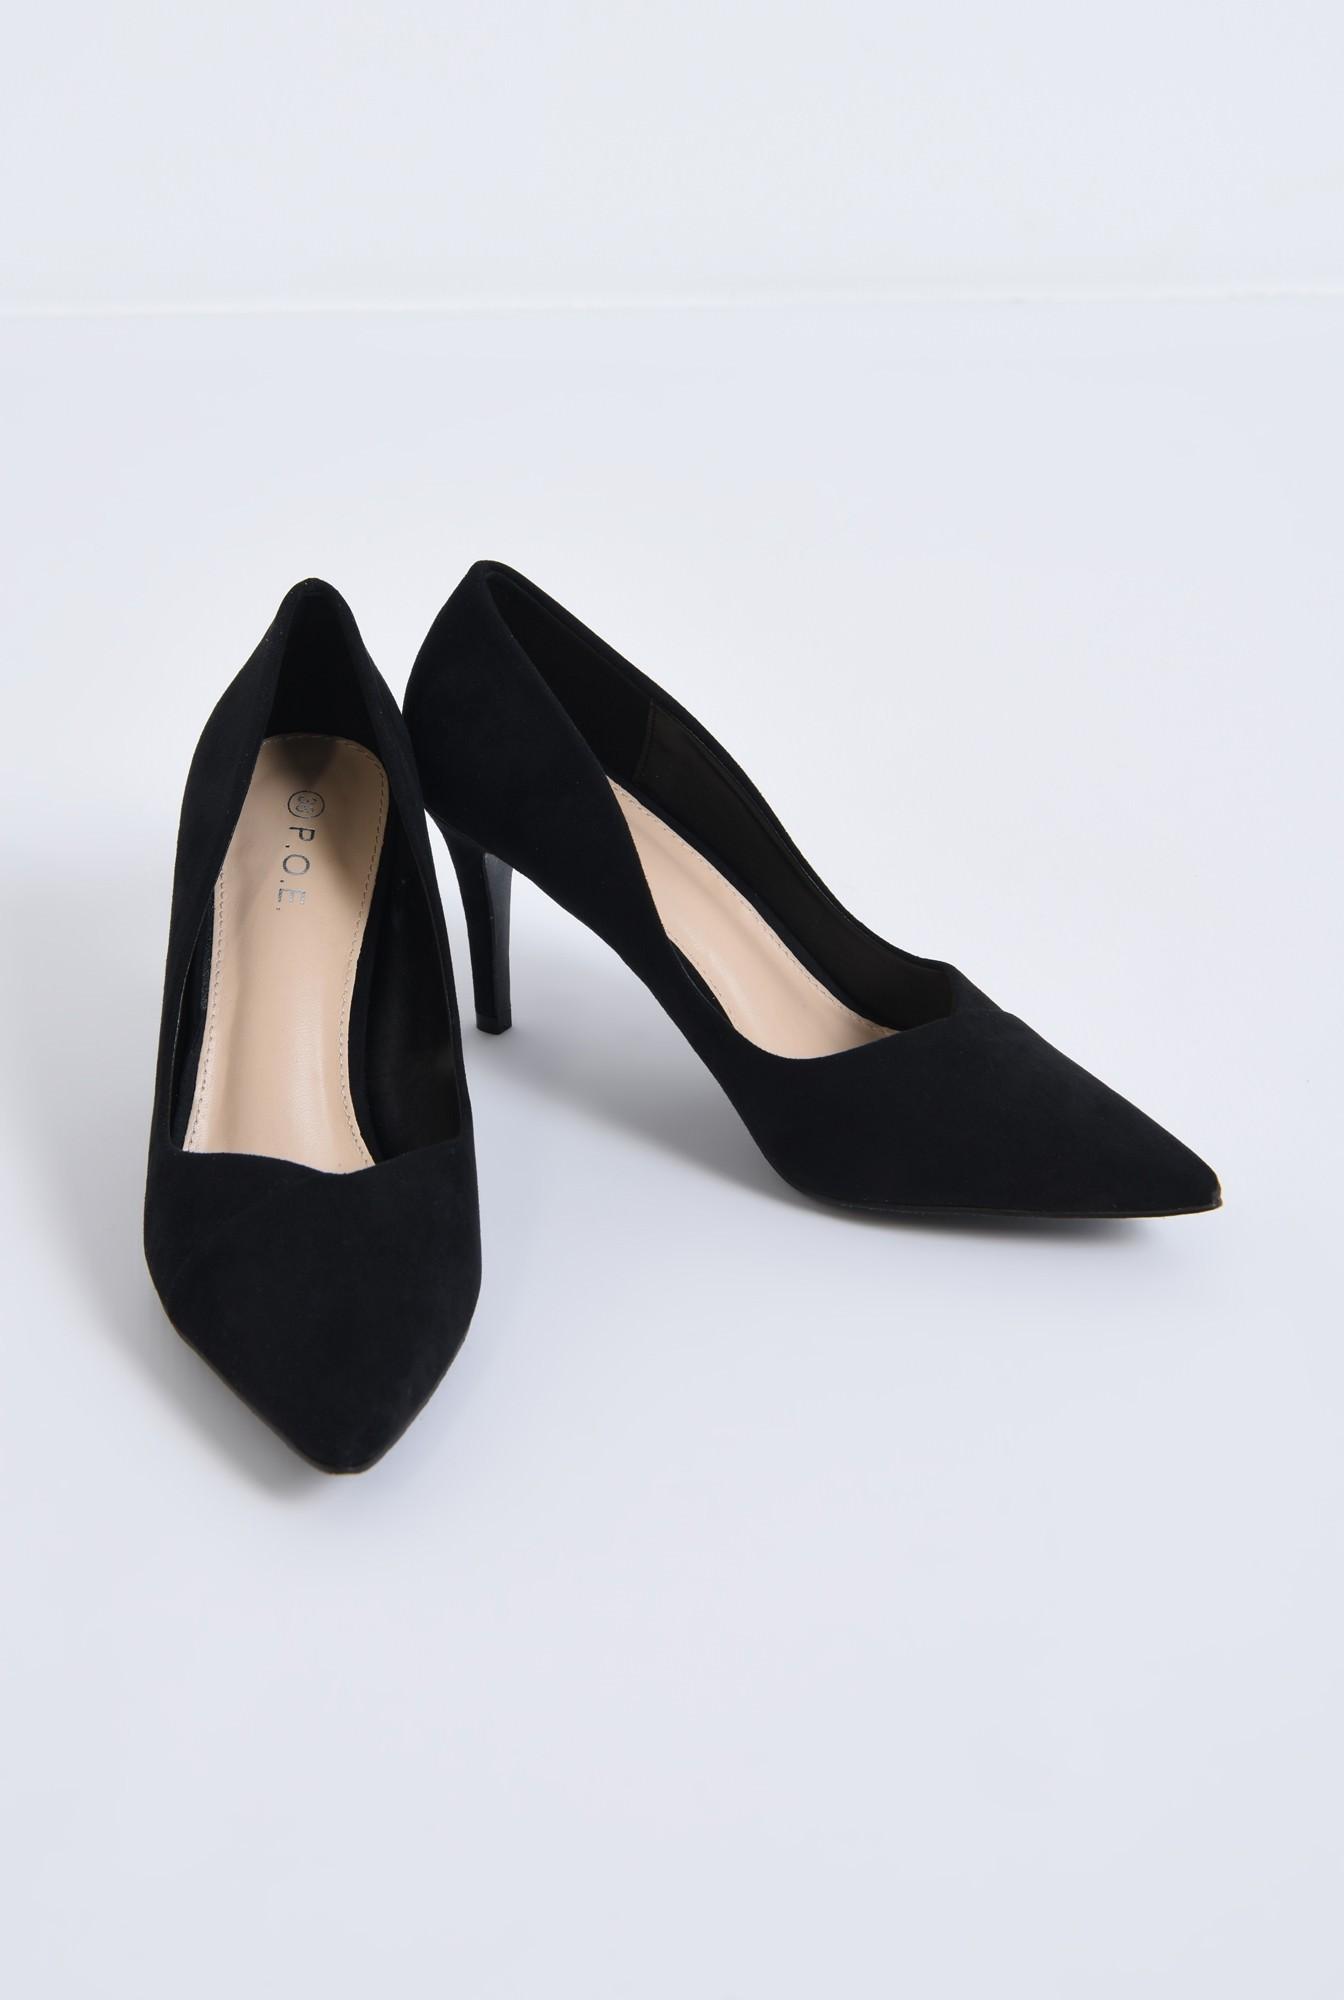 3 - pantofi casual, negru, toc subtire